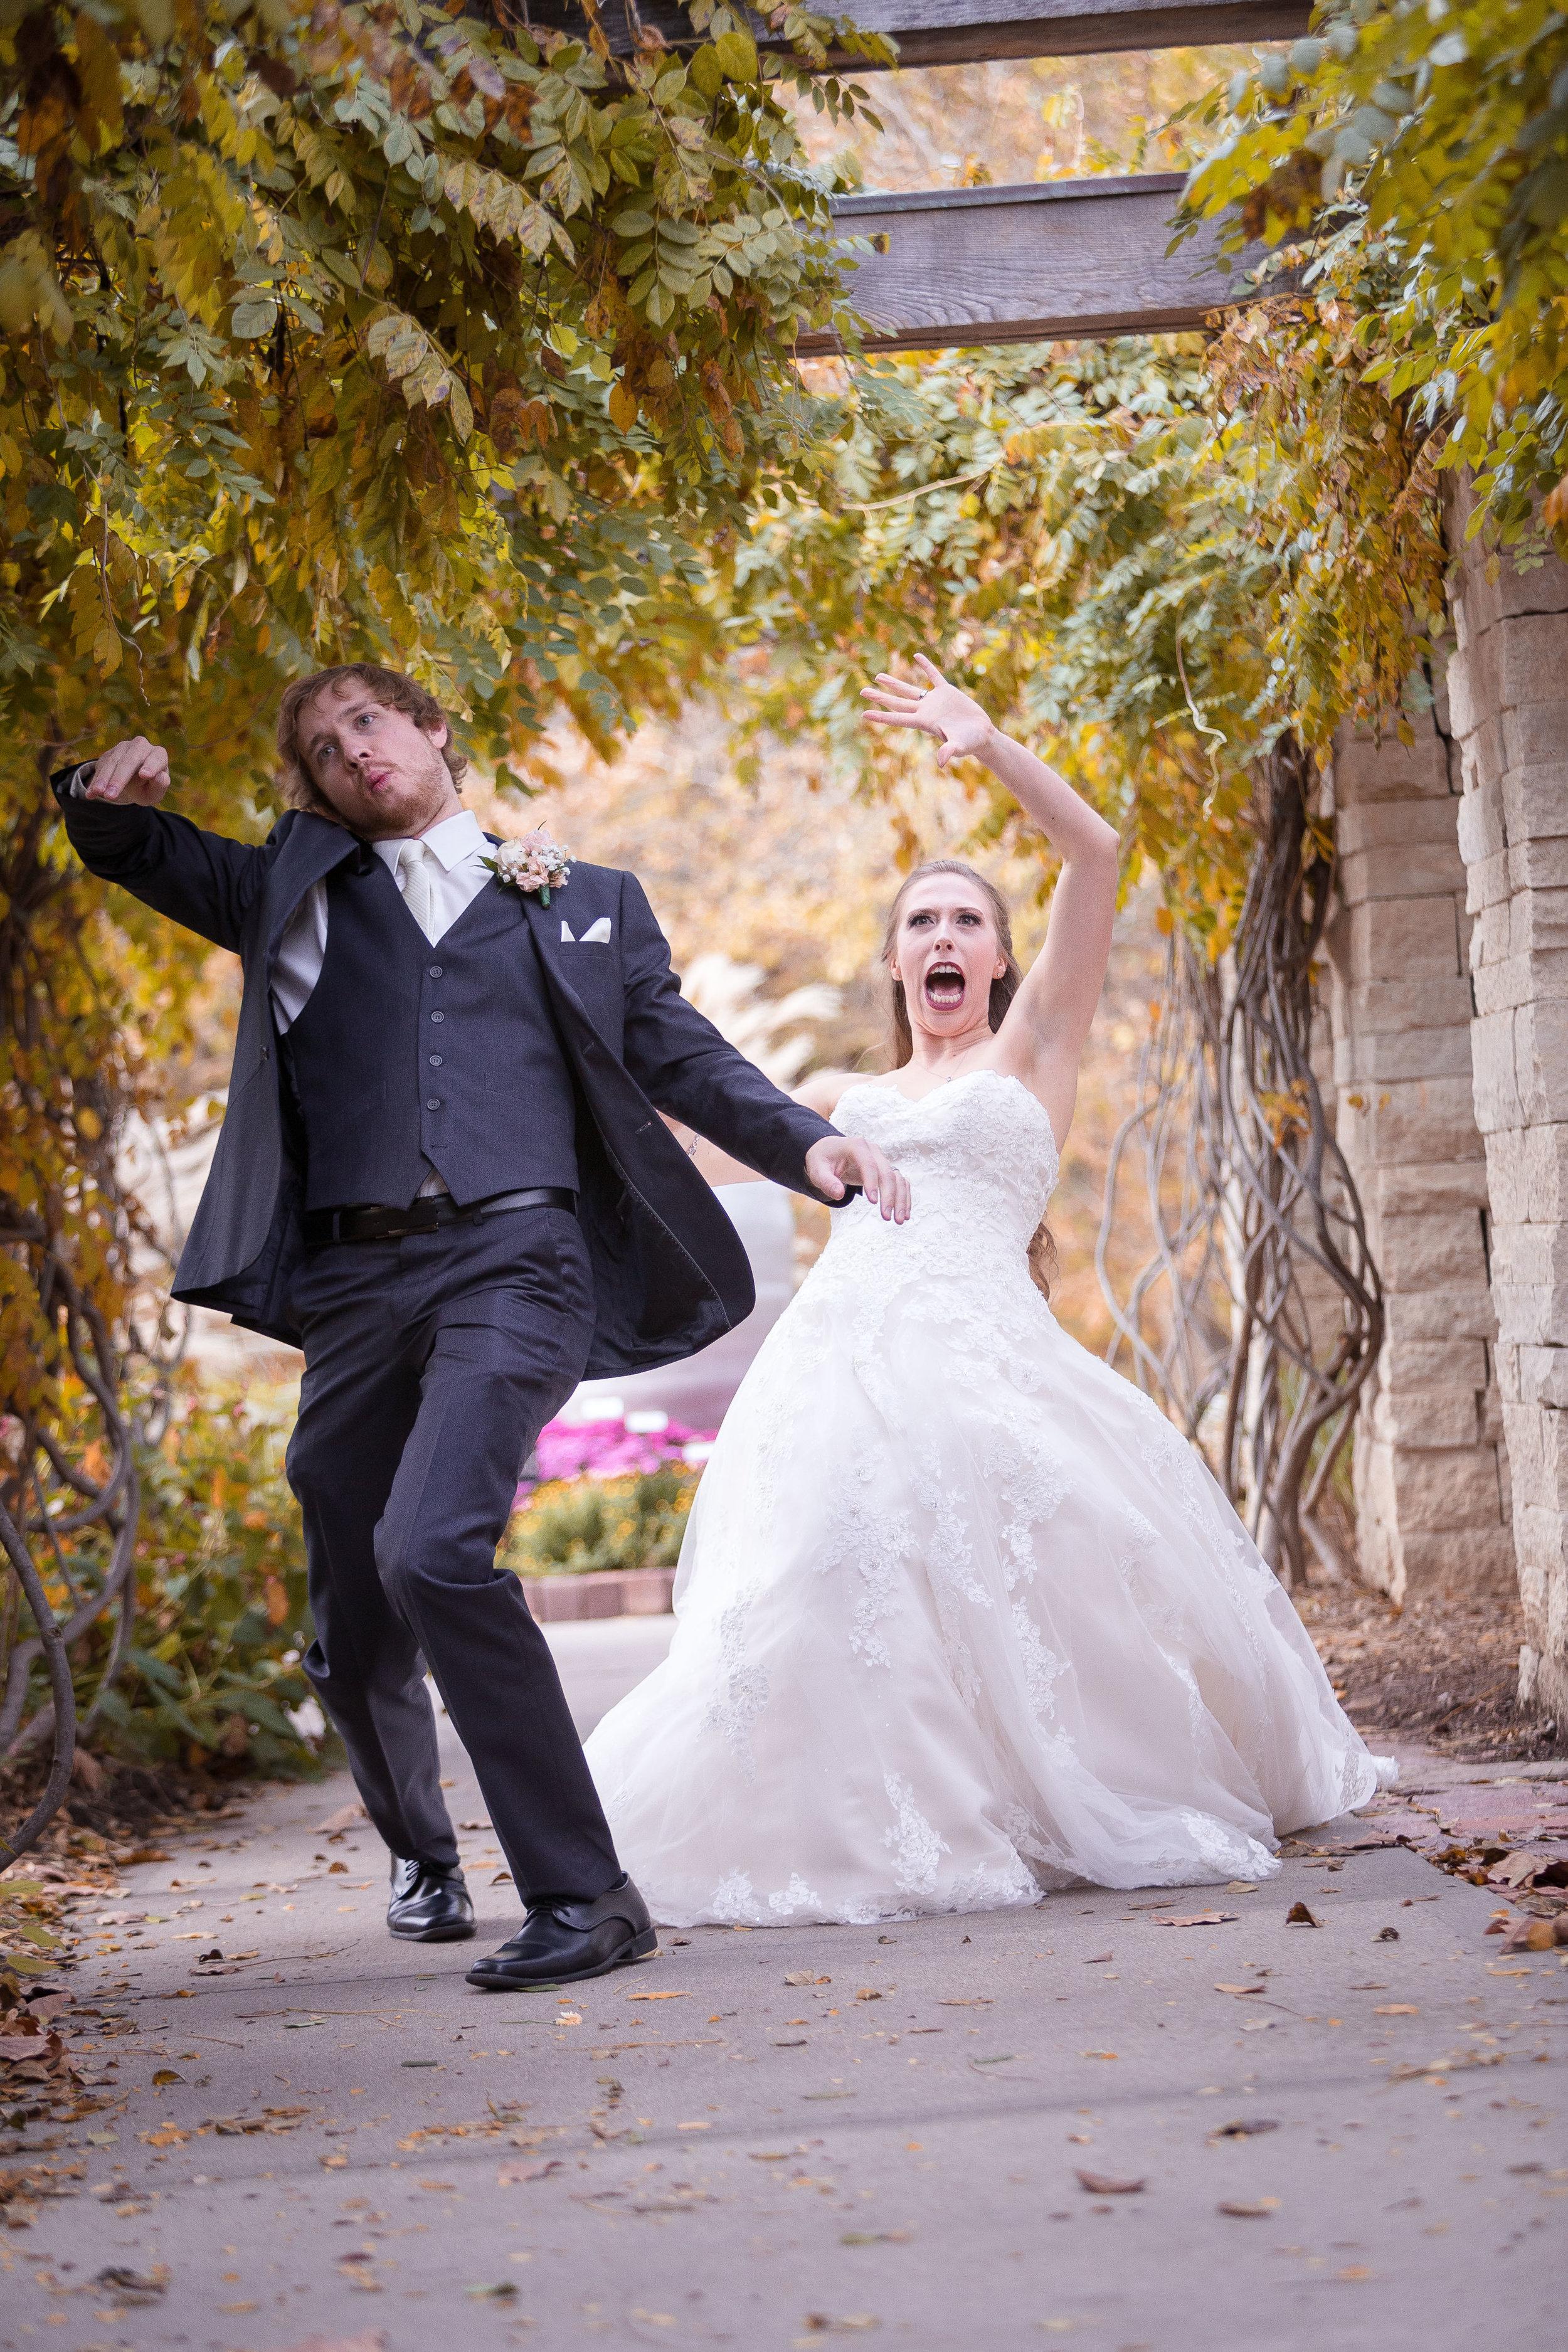 C_Wedding_Spellman, Megan & Tyler_10.27.18-835.JPG